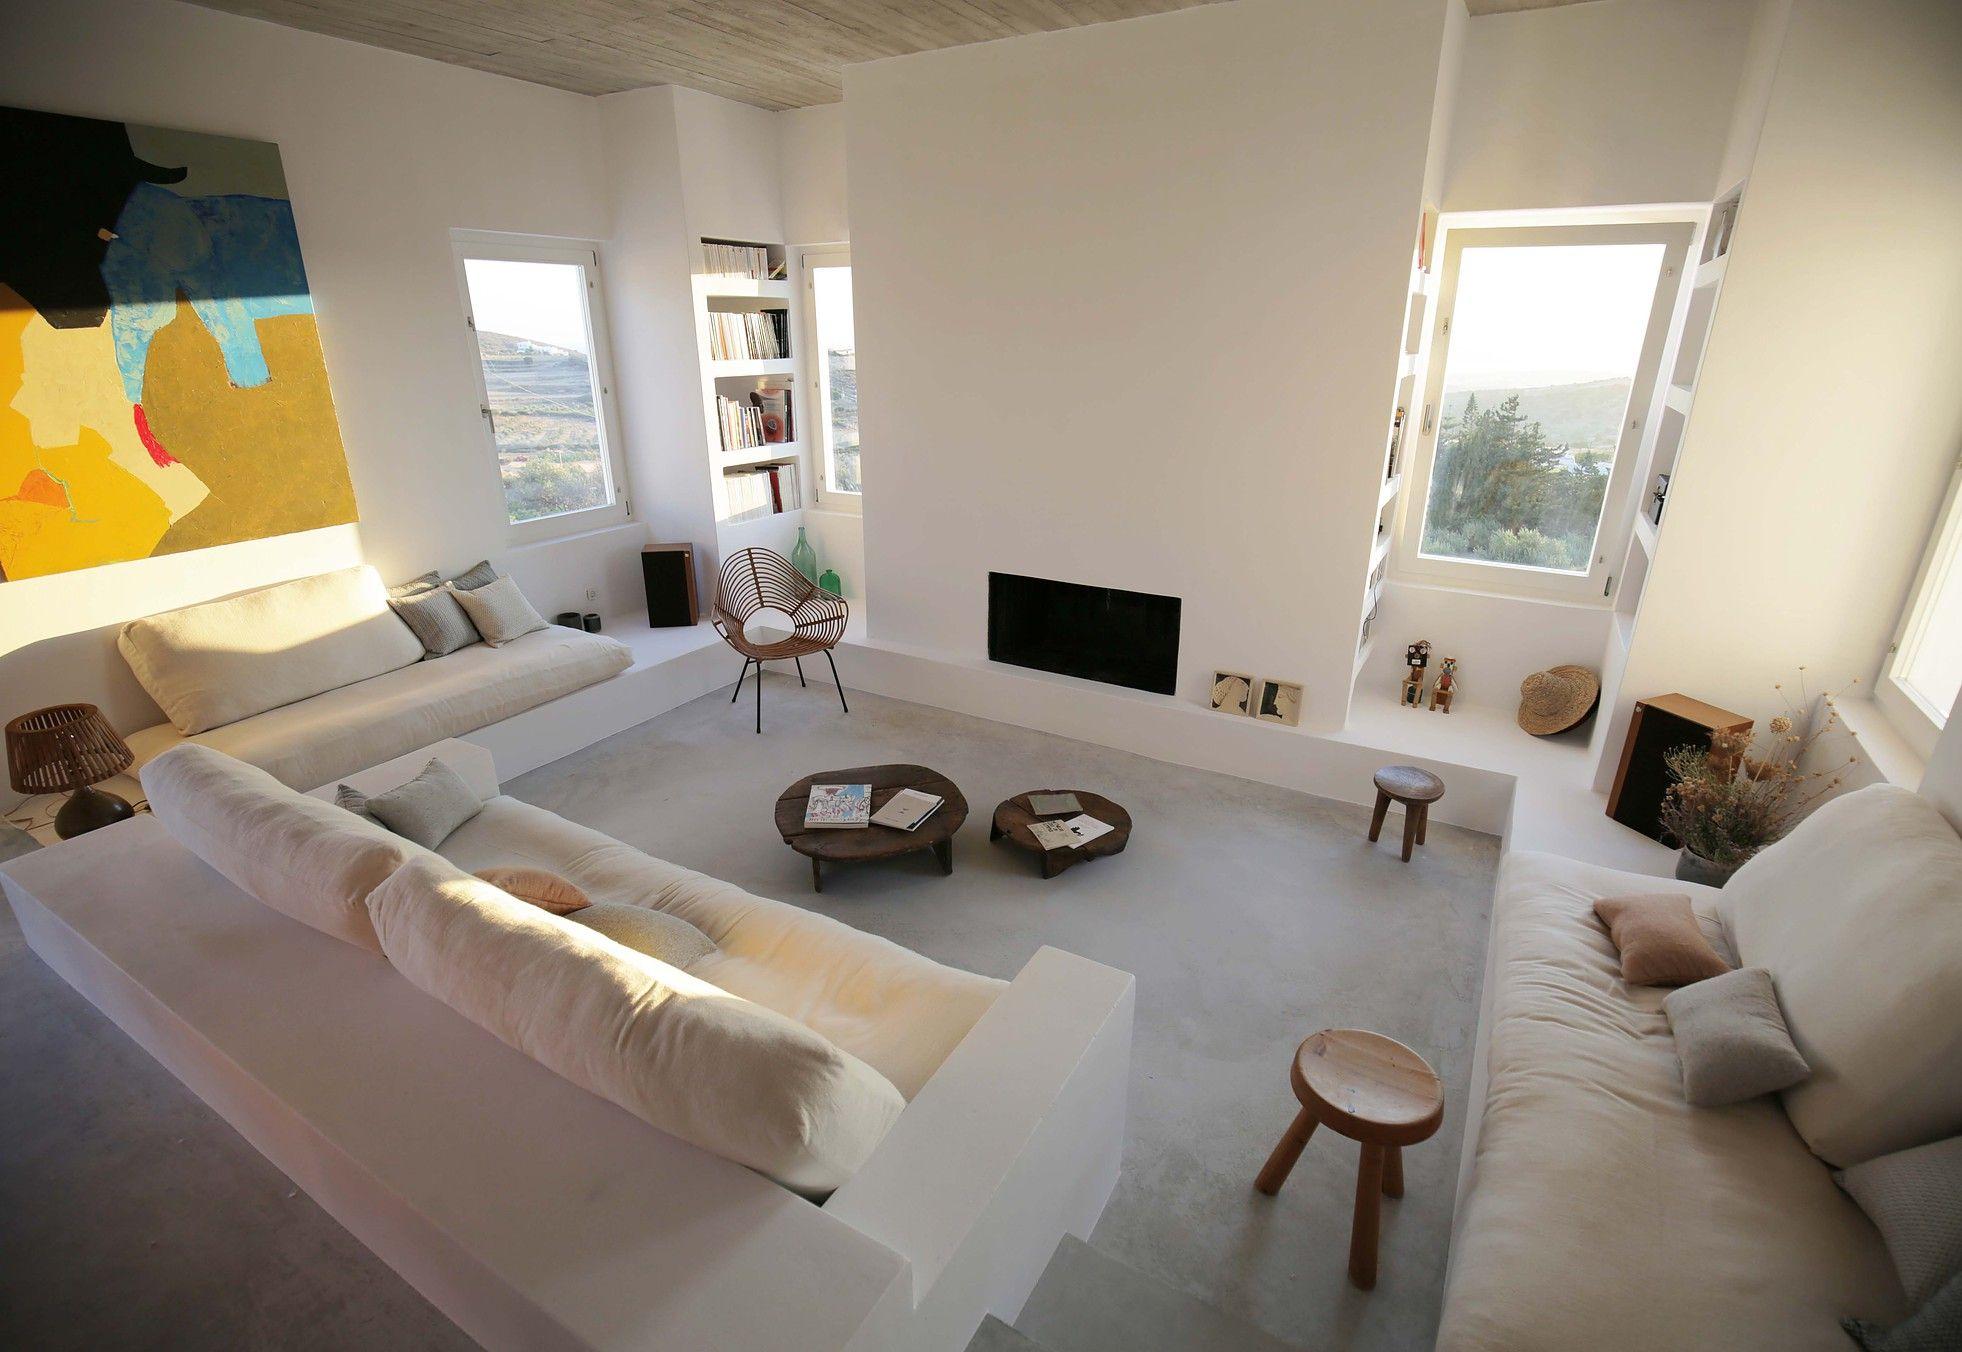 Blog de decoraciÓn my leitmotiv house ! pinterest casa mare